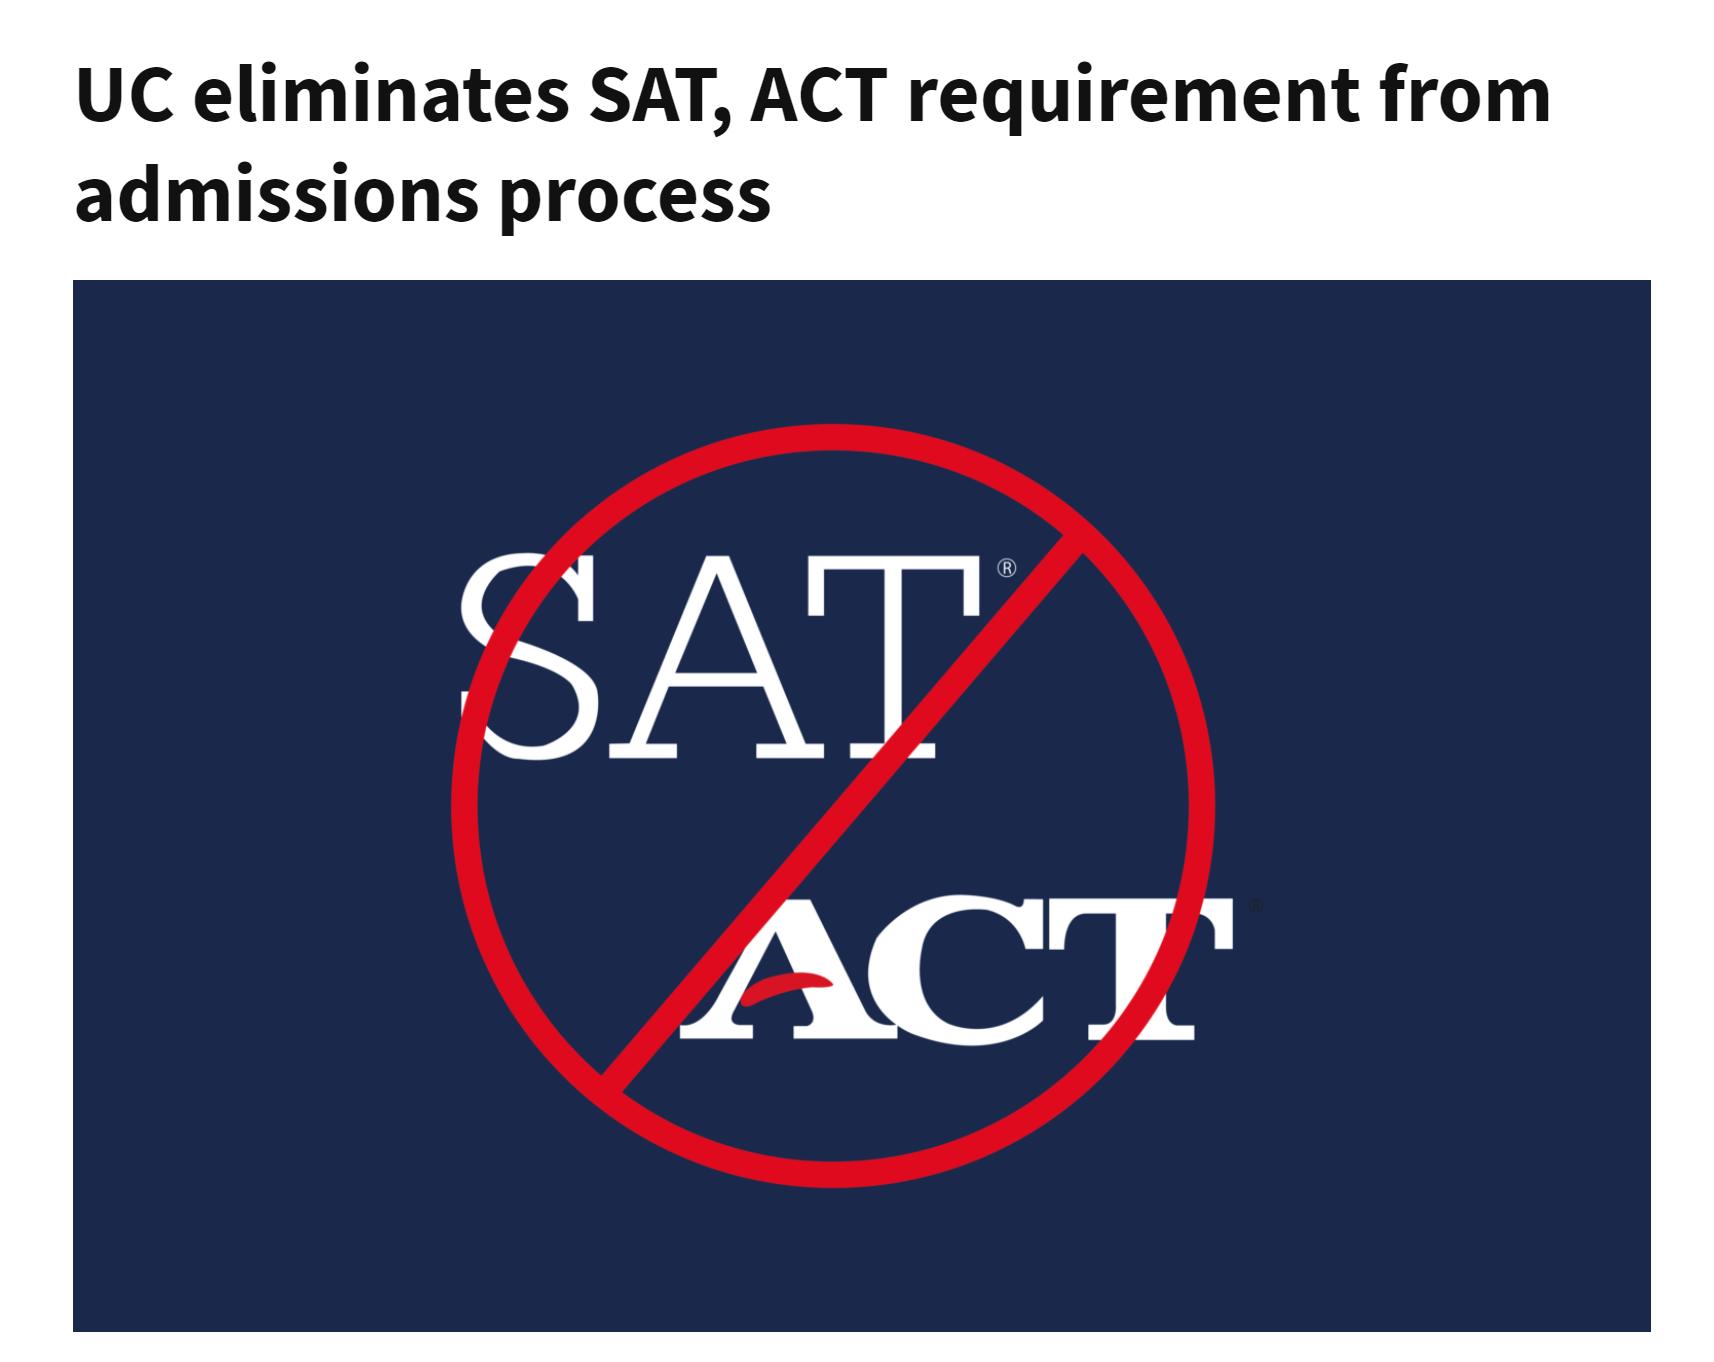 2022 UC申请系统开放!ACT/SAT可选择提交,新增多邻国/TOEFL P/B语言考试类型